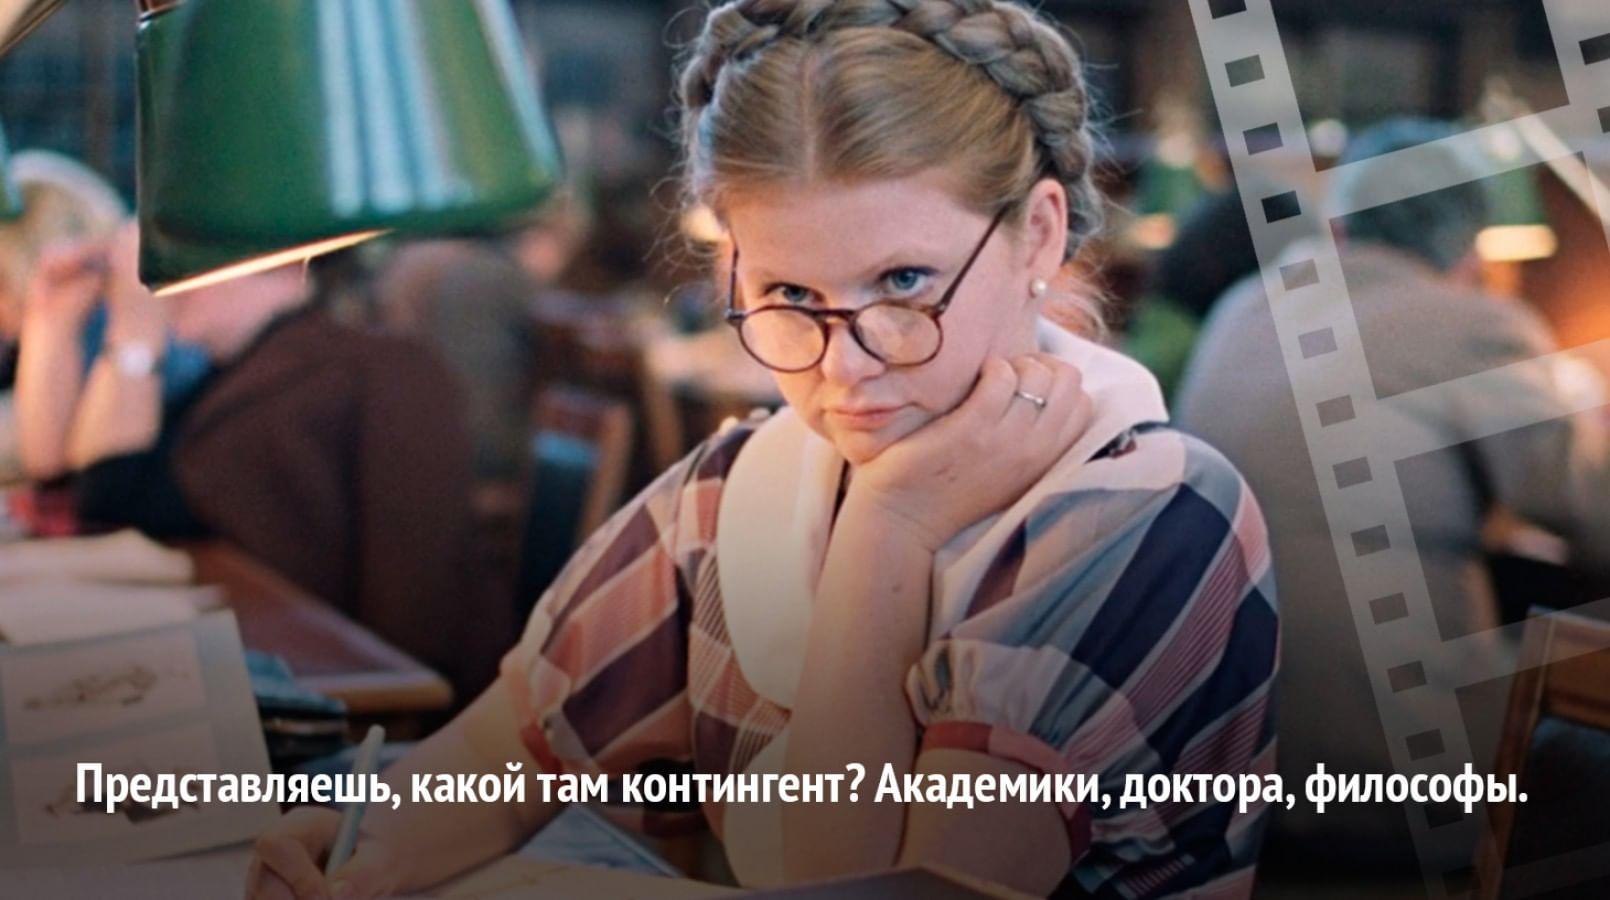 Сходить в библиотеку, как героини фильма «Москва слезам не верит».